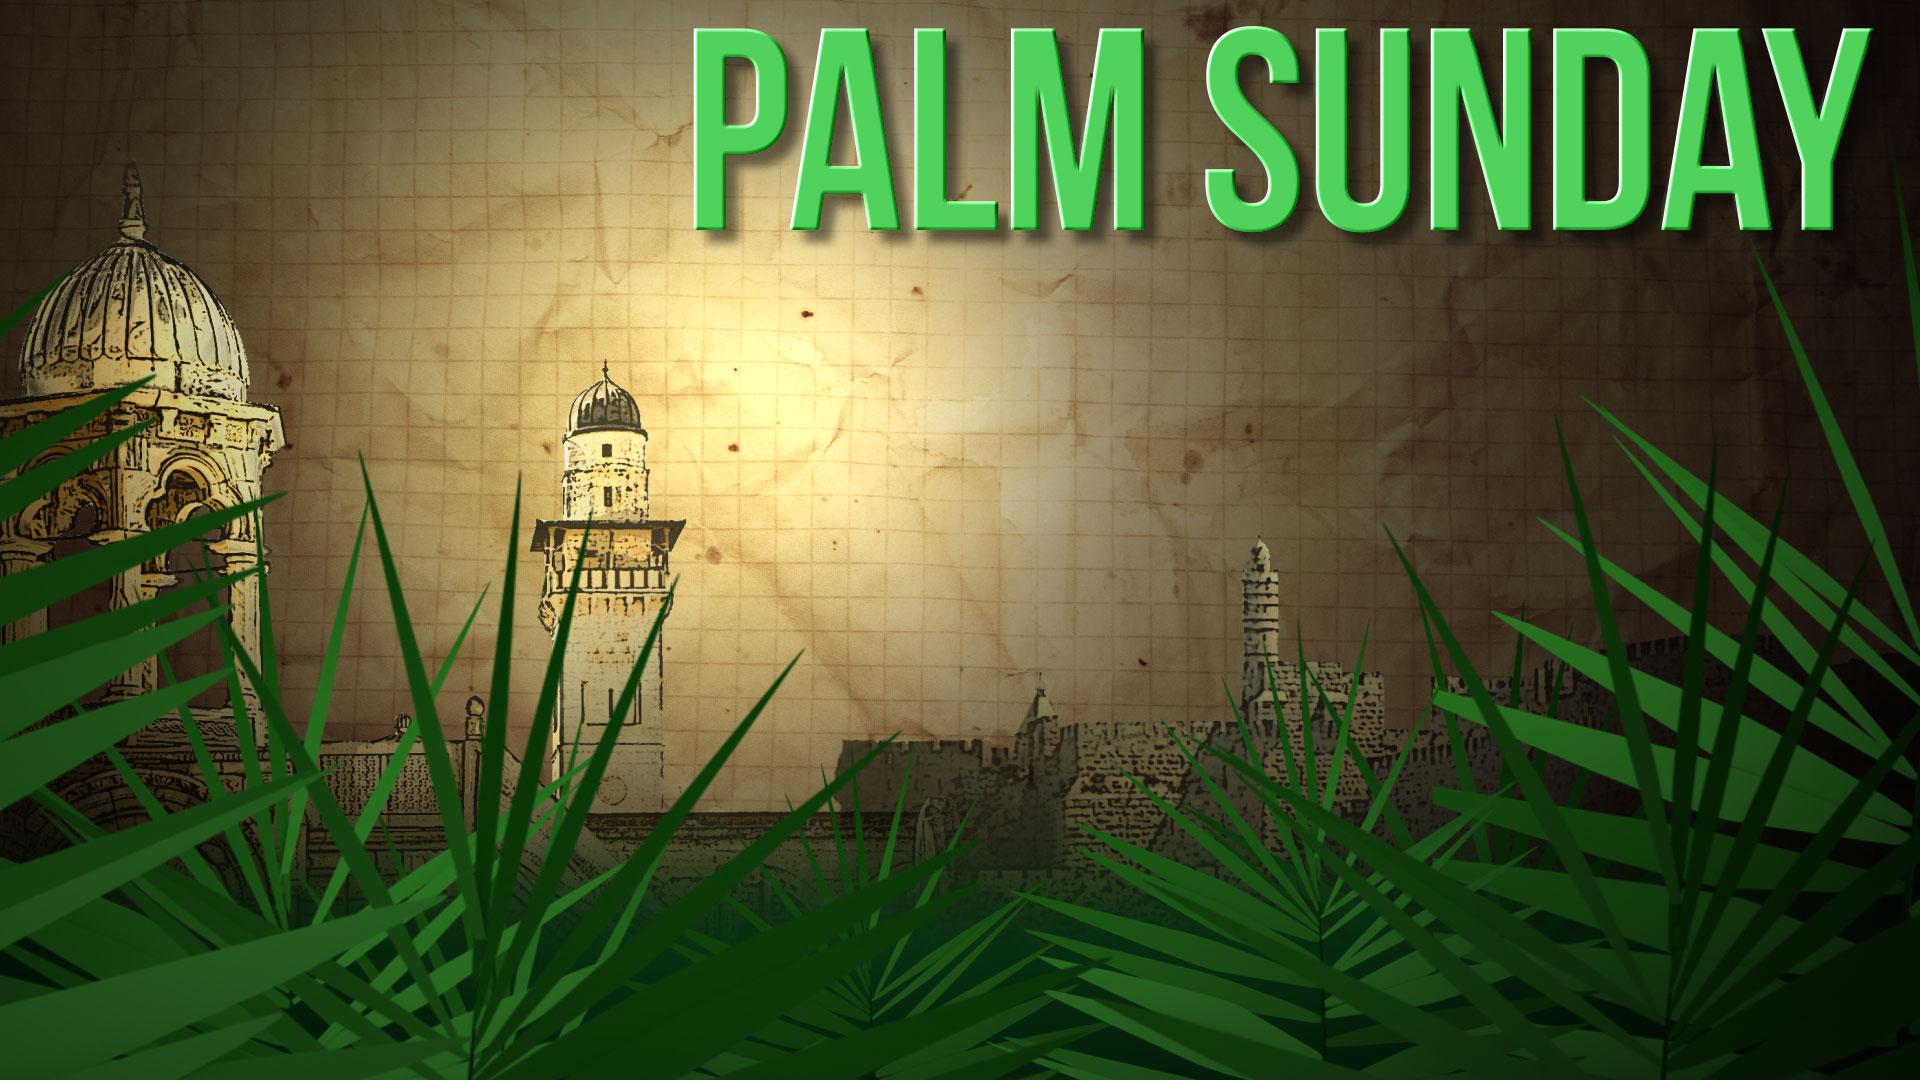 Palm-Sunday-2017-images